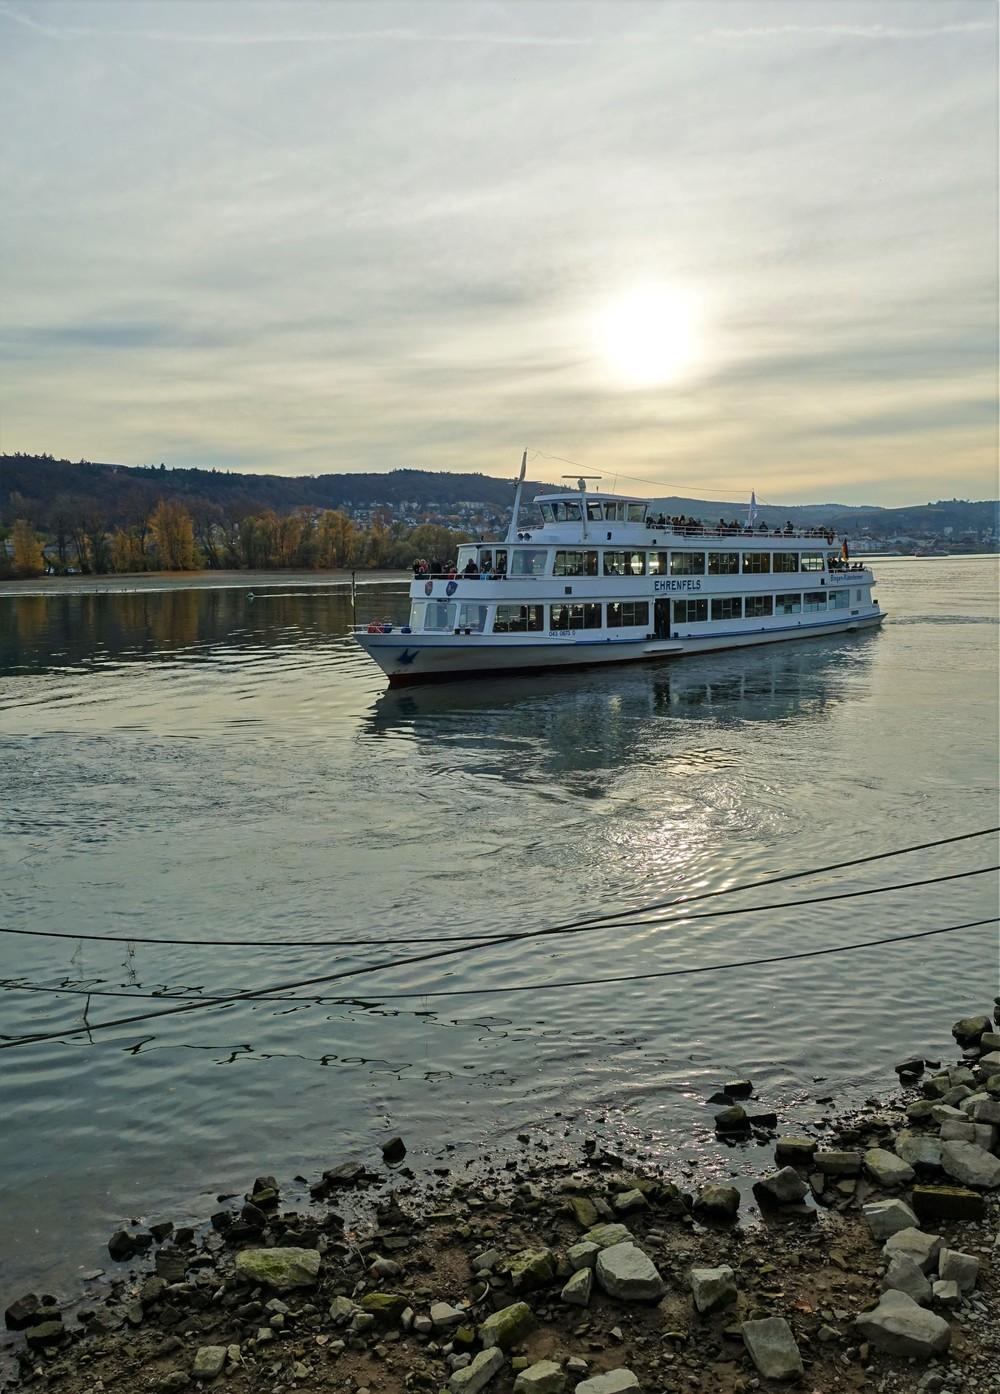 sunset boat tour in rudesheim